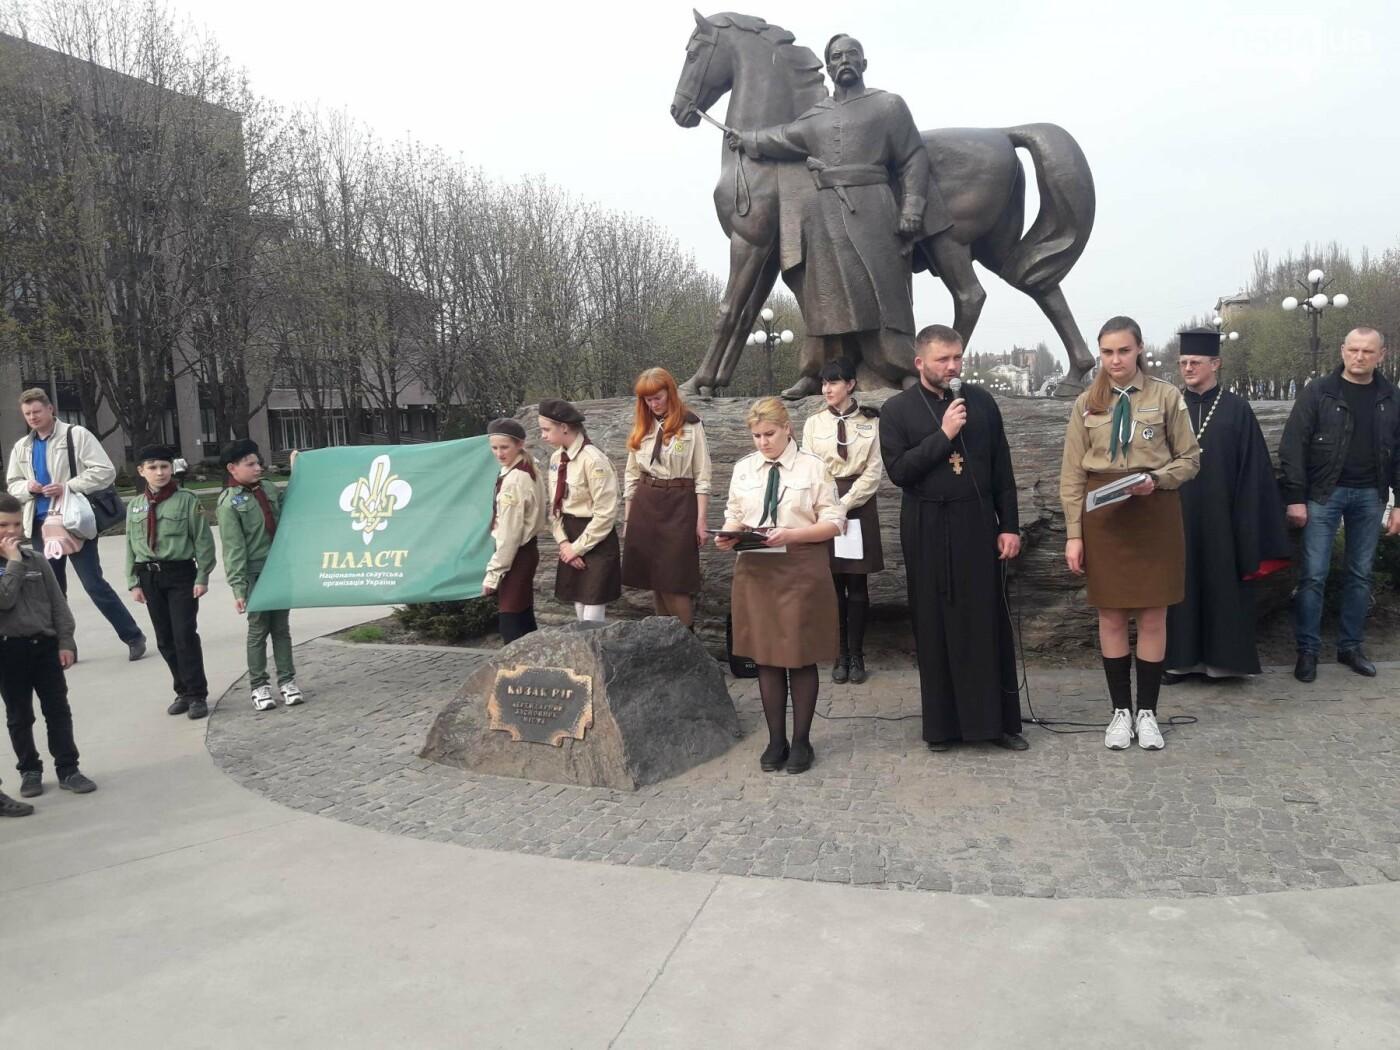 Криворожские пластуны отметили 106-ю годовщину со Дня присяги Богу и Украине (ФОТО), фото-6